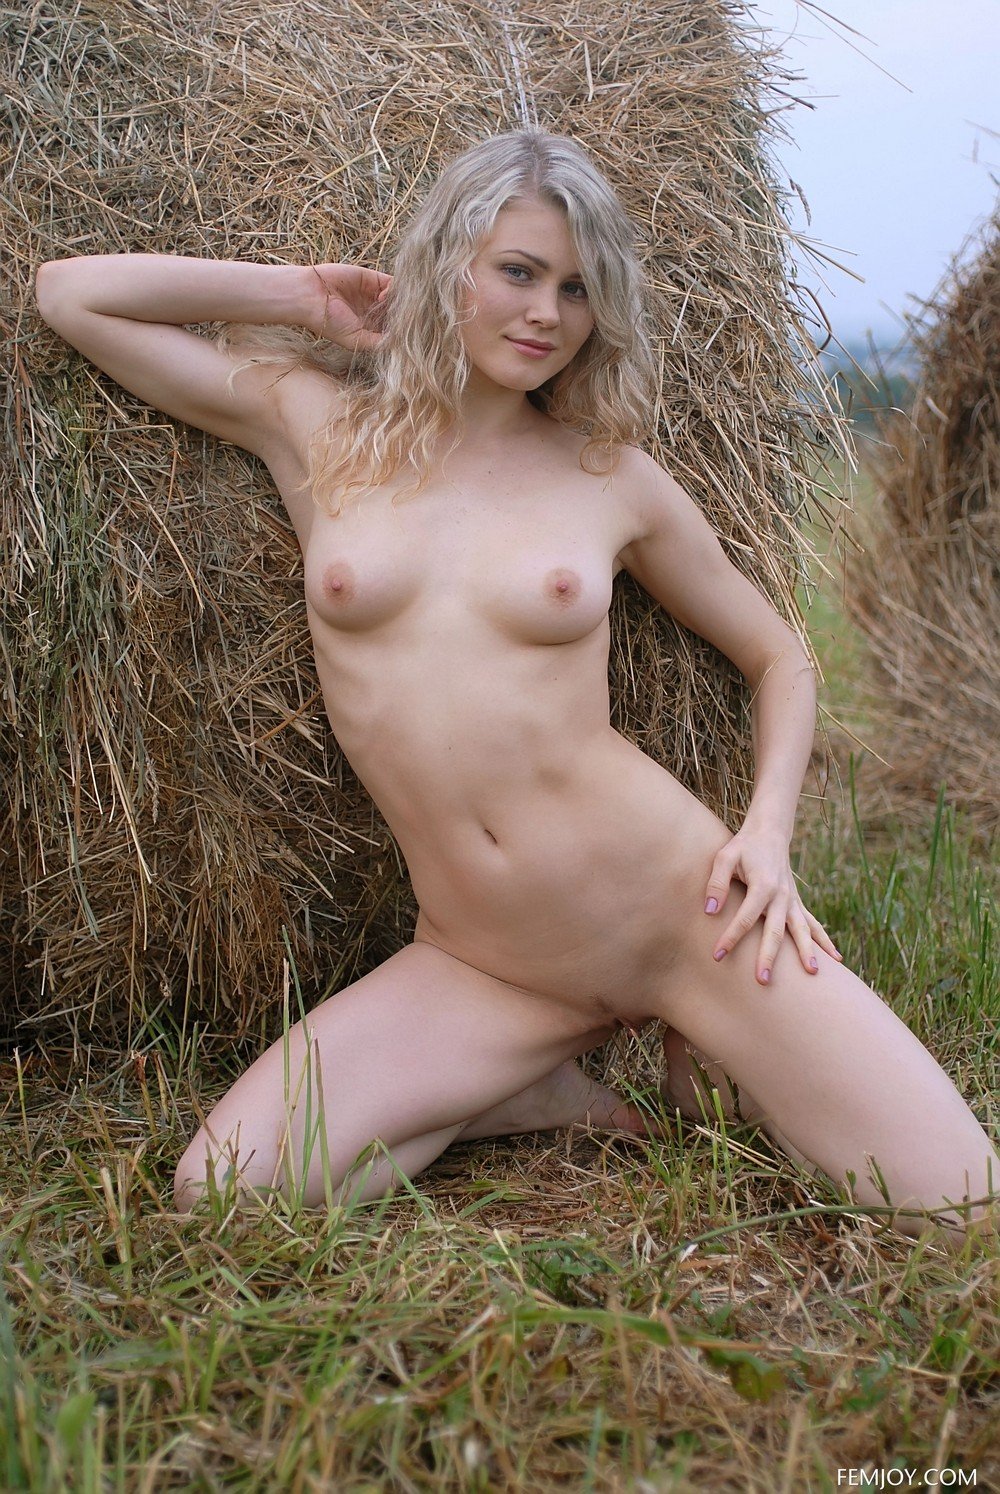 Обнаженная Джоана в поле